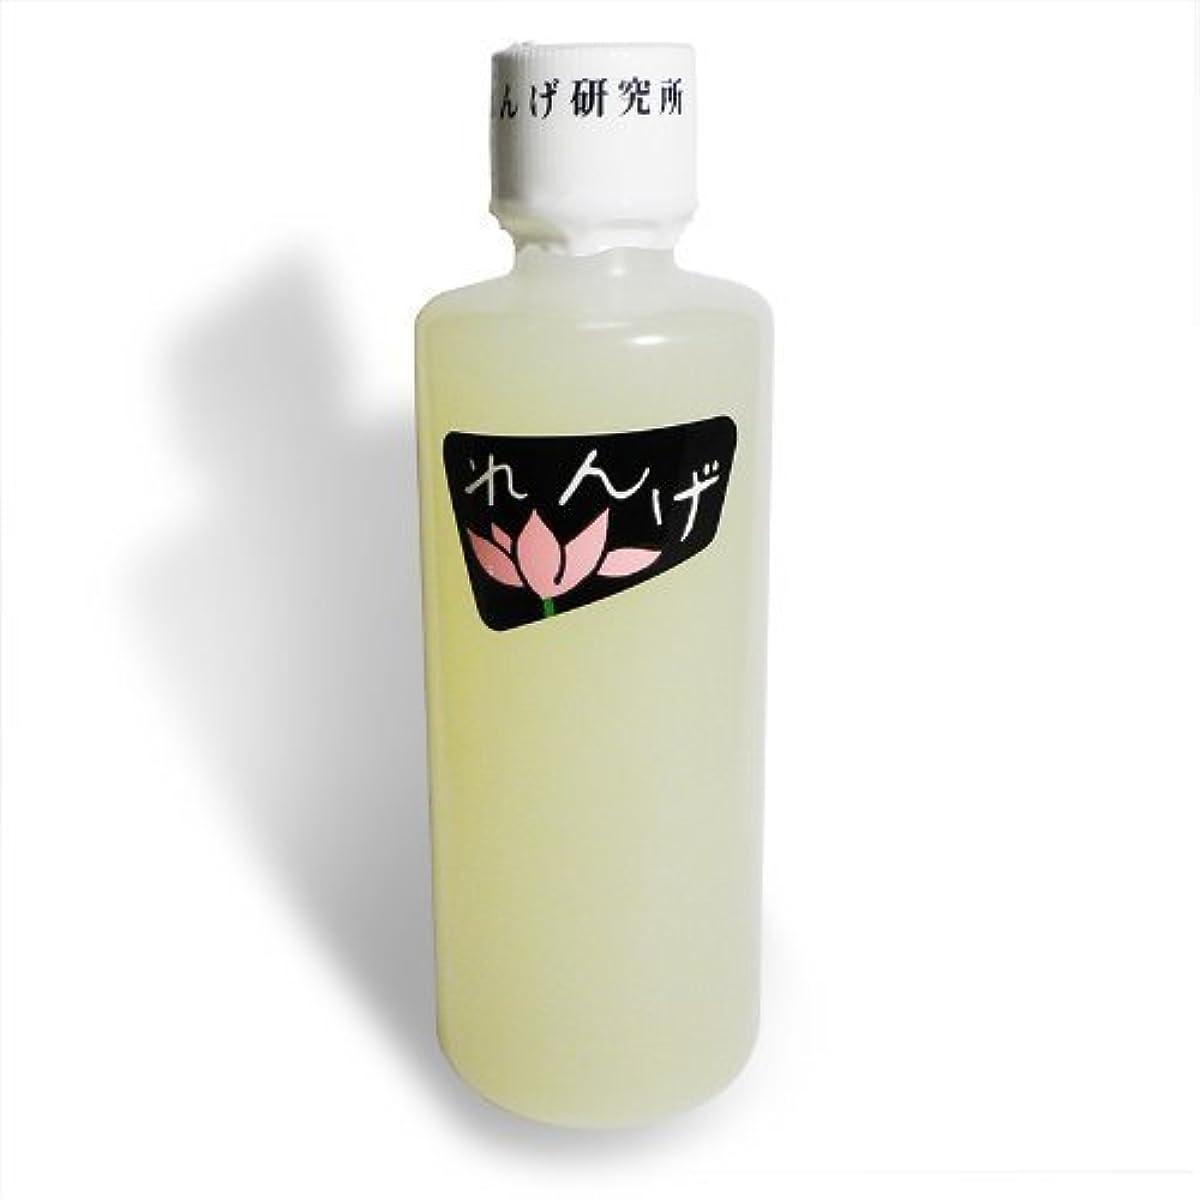 庭園モッキンバードあたりれんげ研究所 れんげ化粧水 140cc×3本